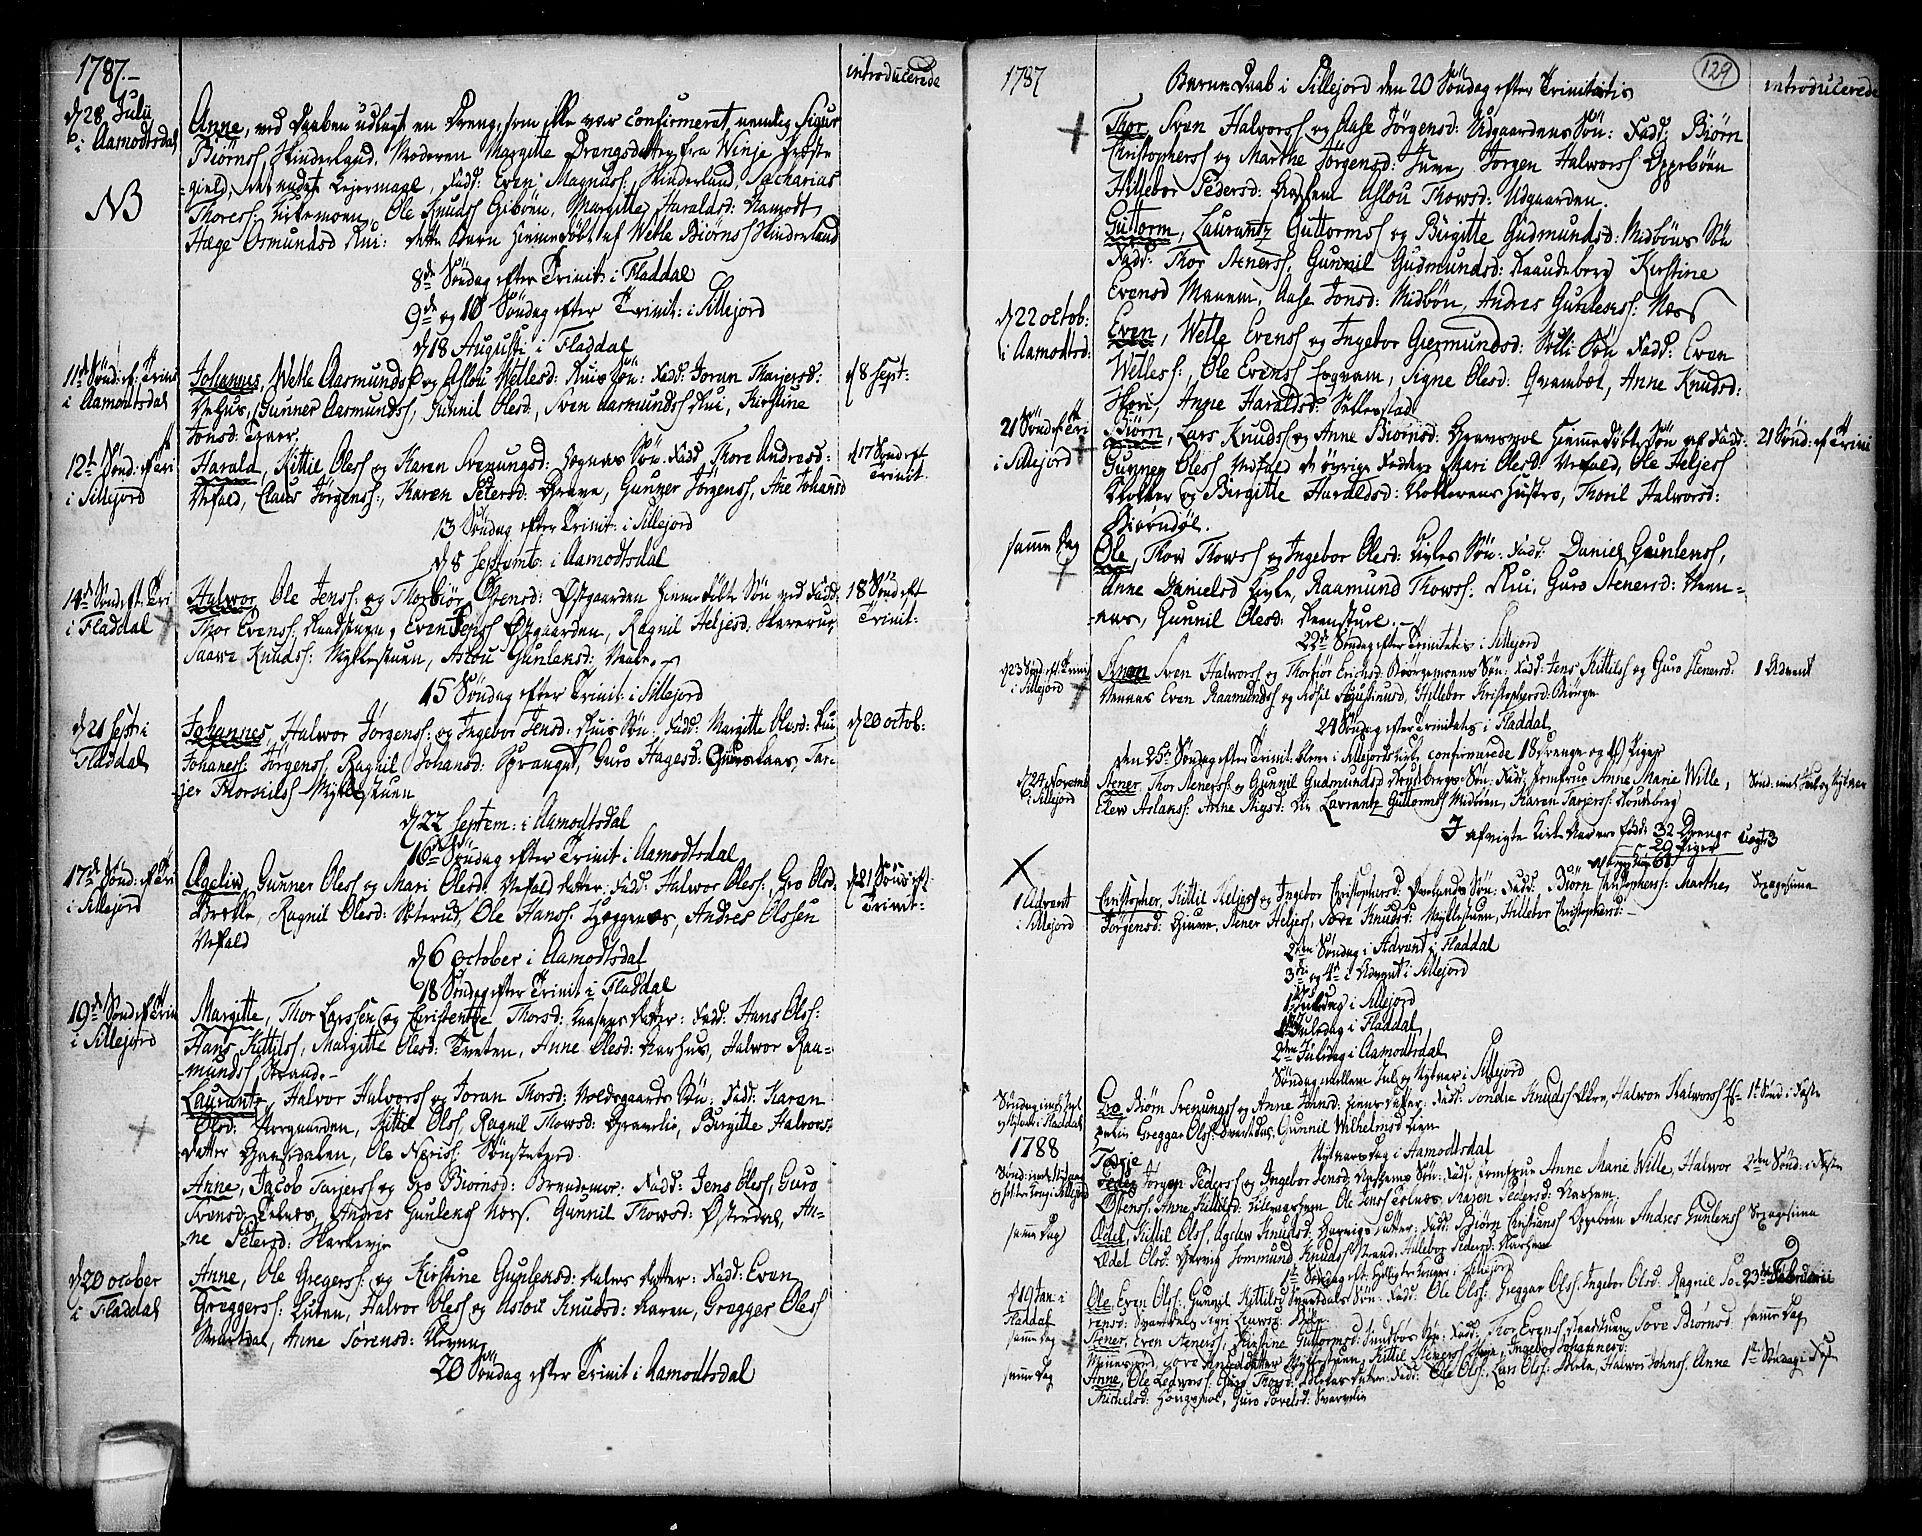 SAKO, Seljord kirkebøker, F/Fa/L0007: Ministerialbok nr. I 7, 1755-1800, s. 129